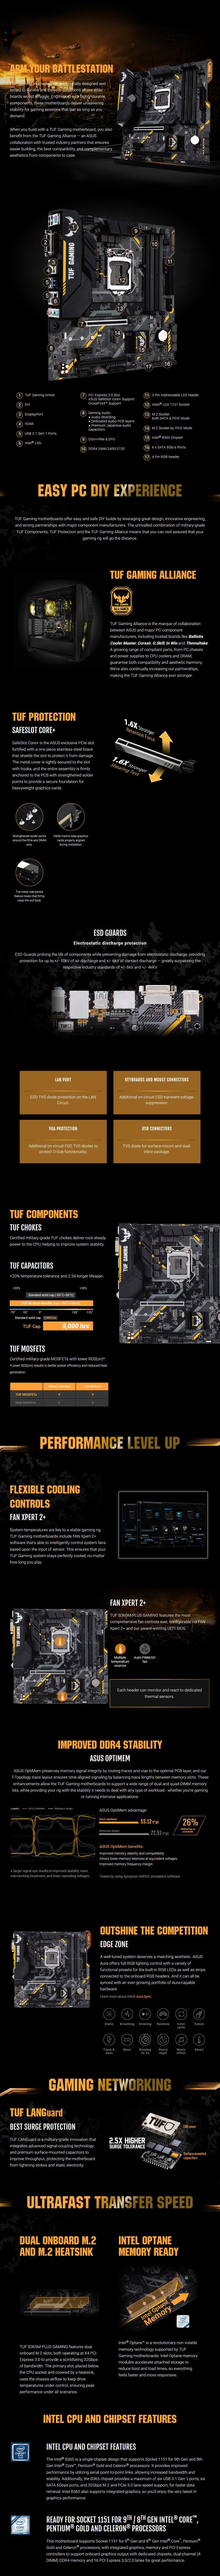 asus-tuf-b365mplus-gaming-lga-1151-microatx-motherboard-ac29722-15.jpg